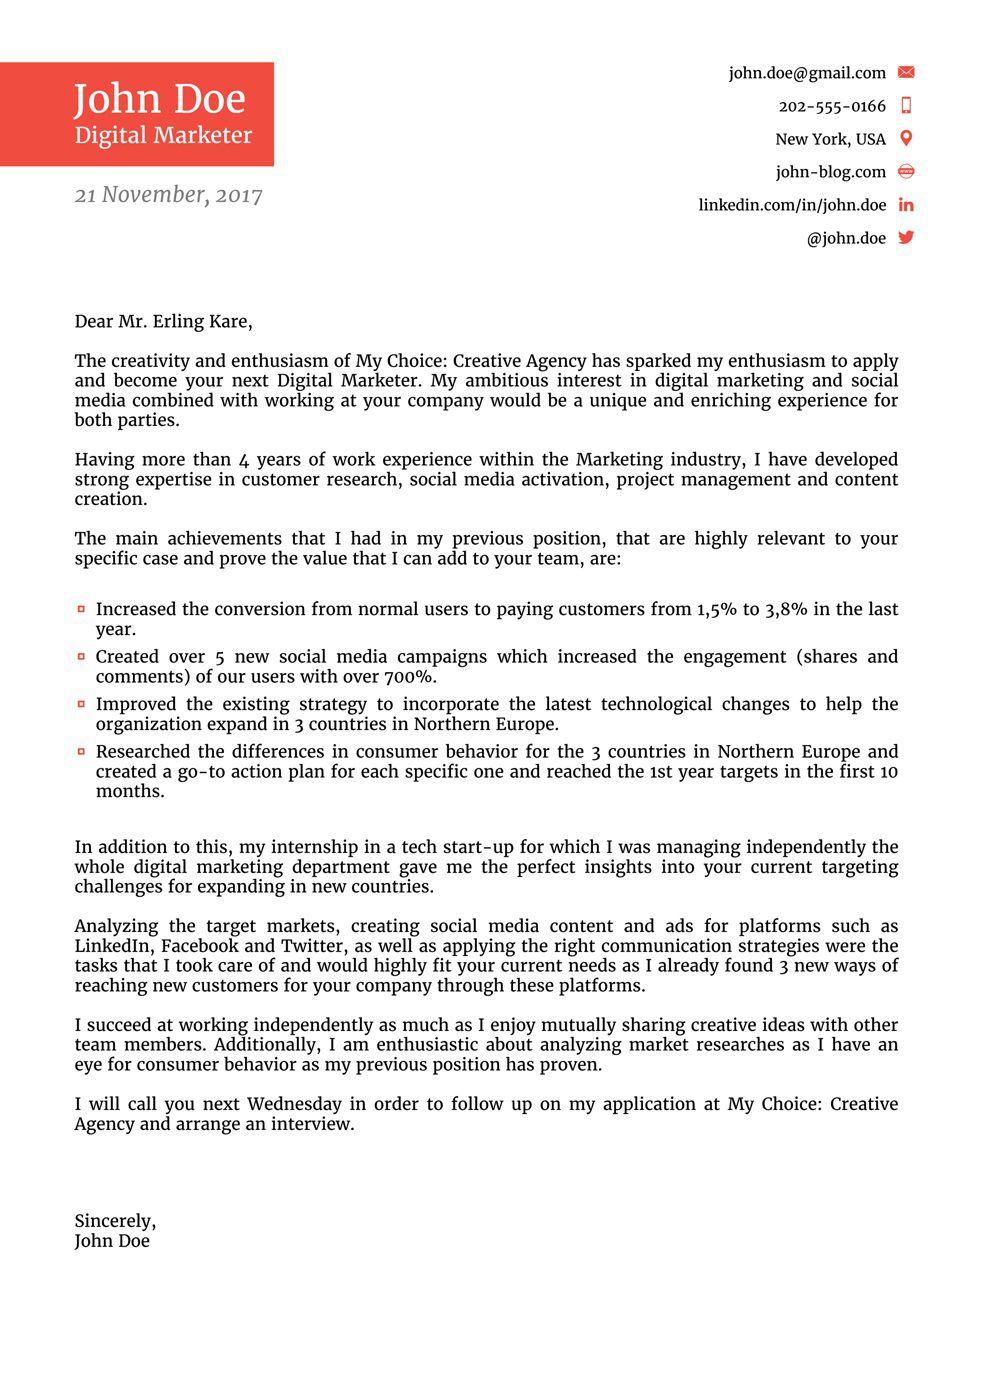 008 Singular Cover Letter For Job Template Photo  Sample Cv Application Email Resume Microsoft WordFull